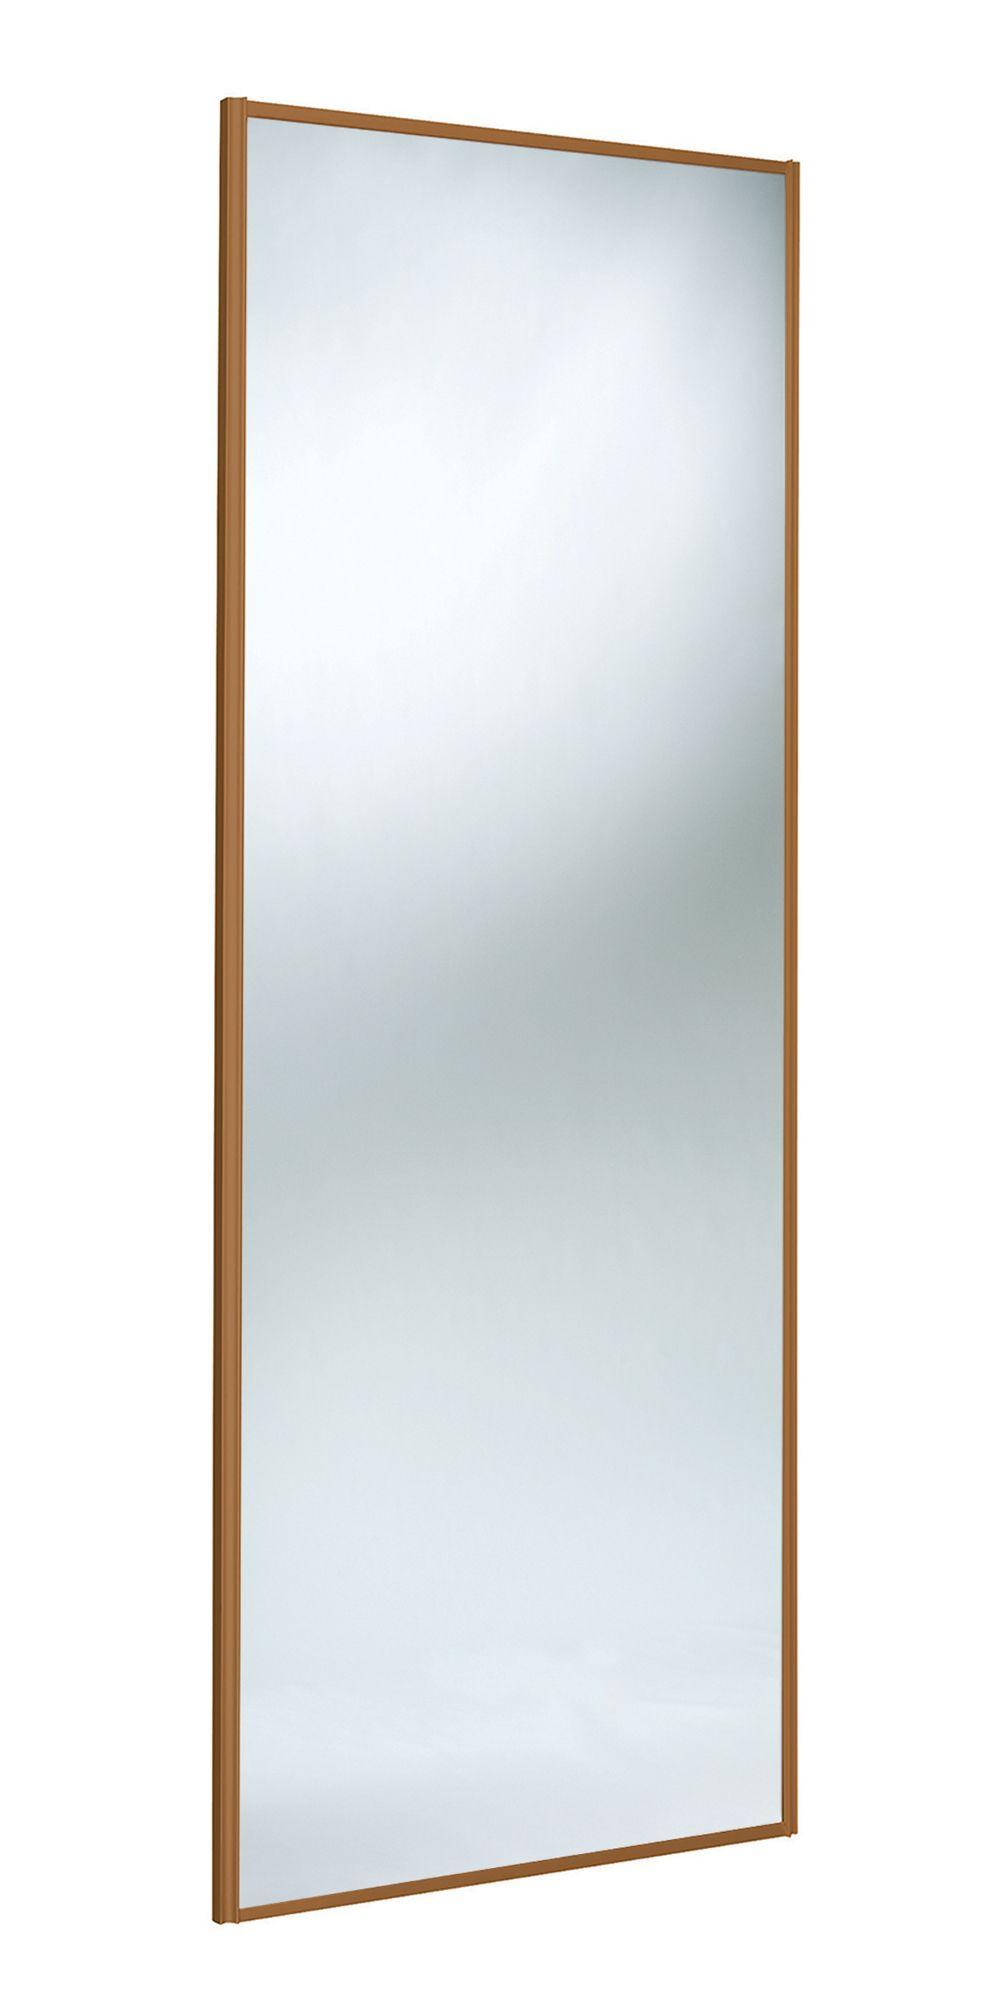 Panel Full Length Mirror Mirror Sliding Wardrobe Door (h)2220 Mm (w)914 Mm